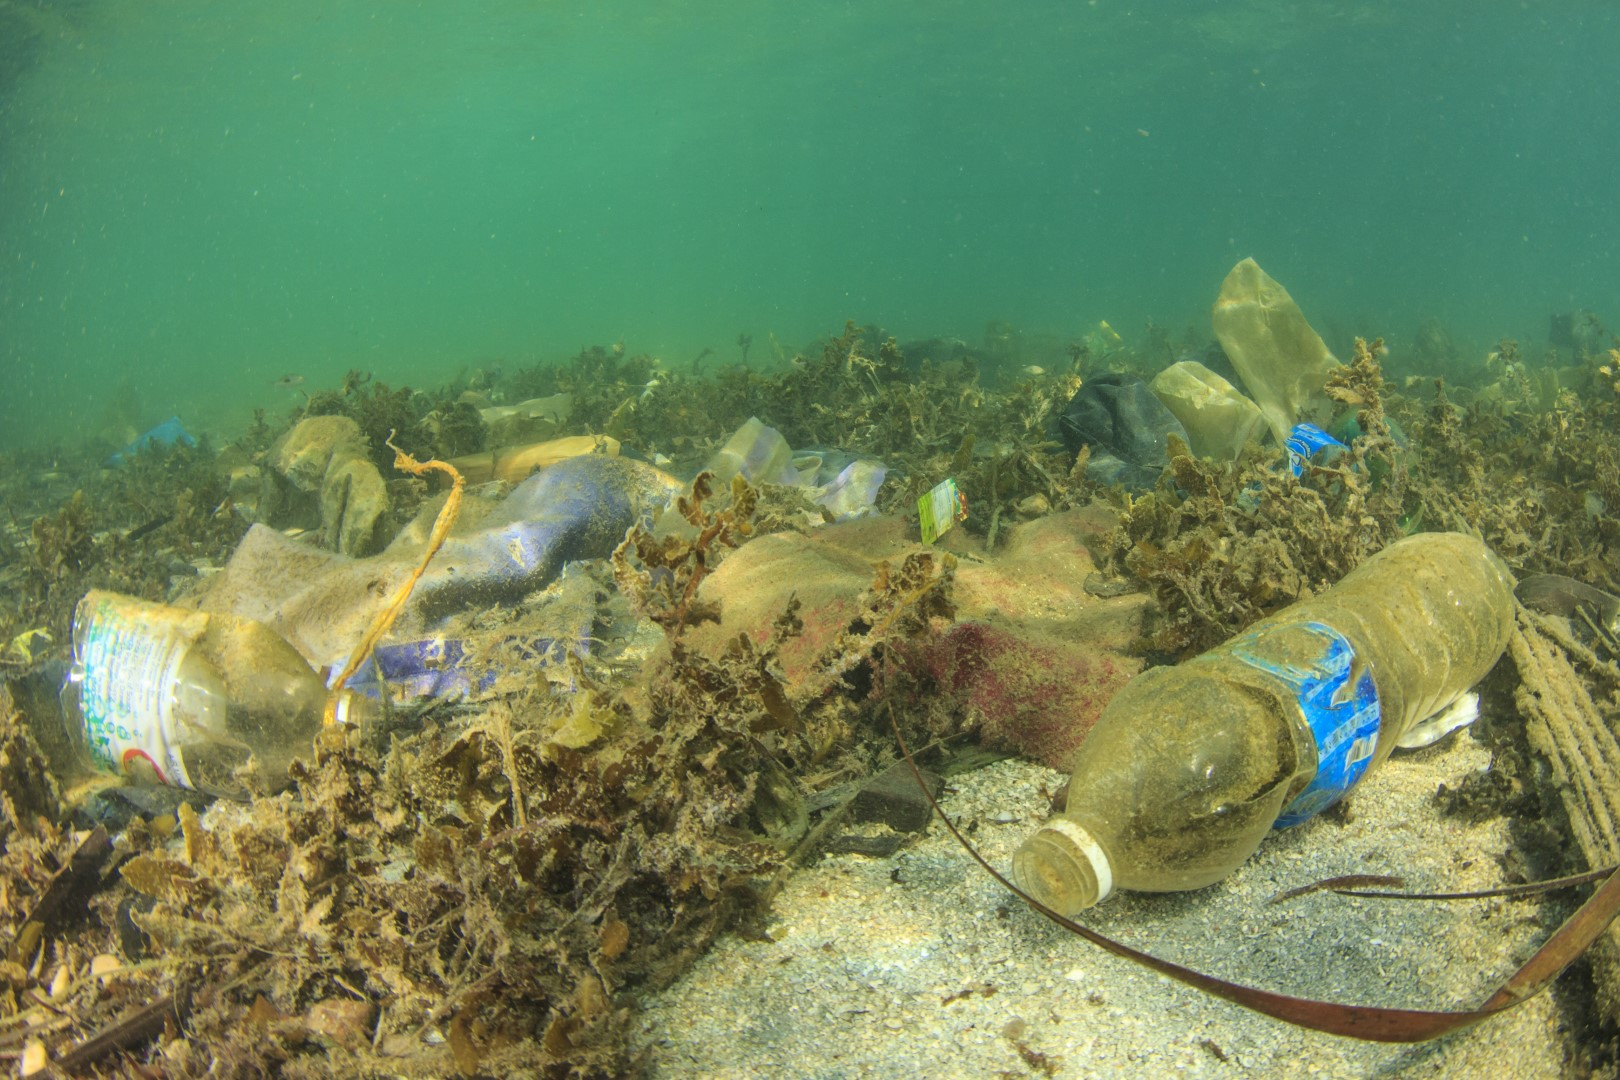 Sea Pollution - plastic